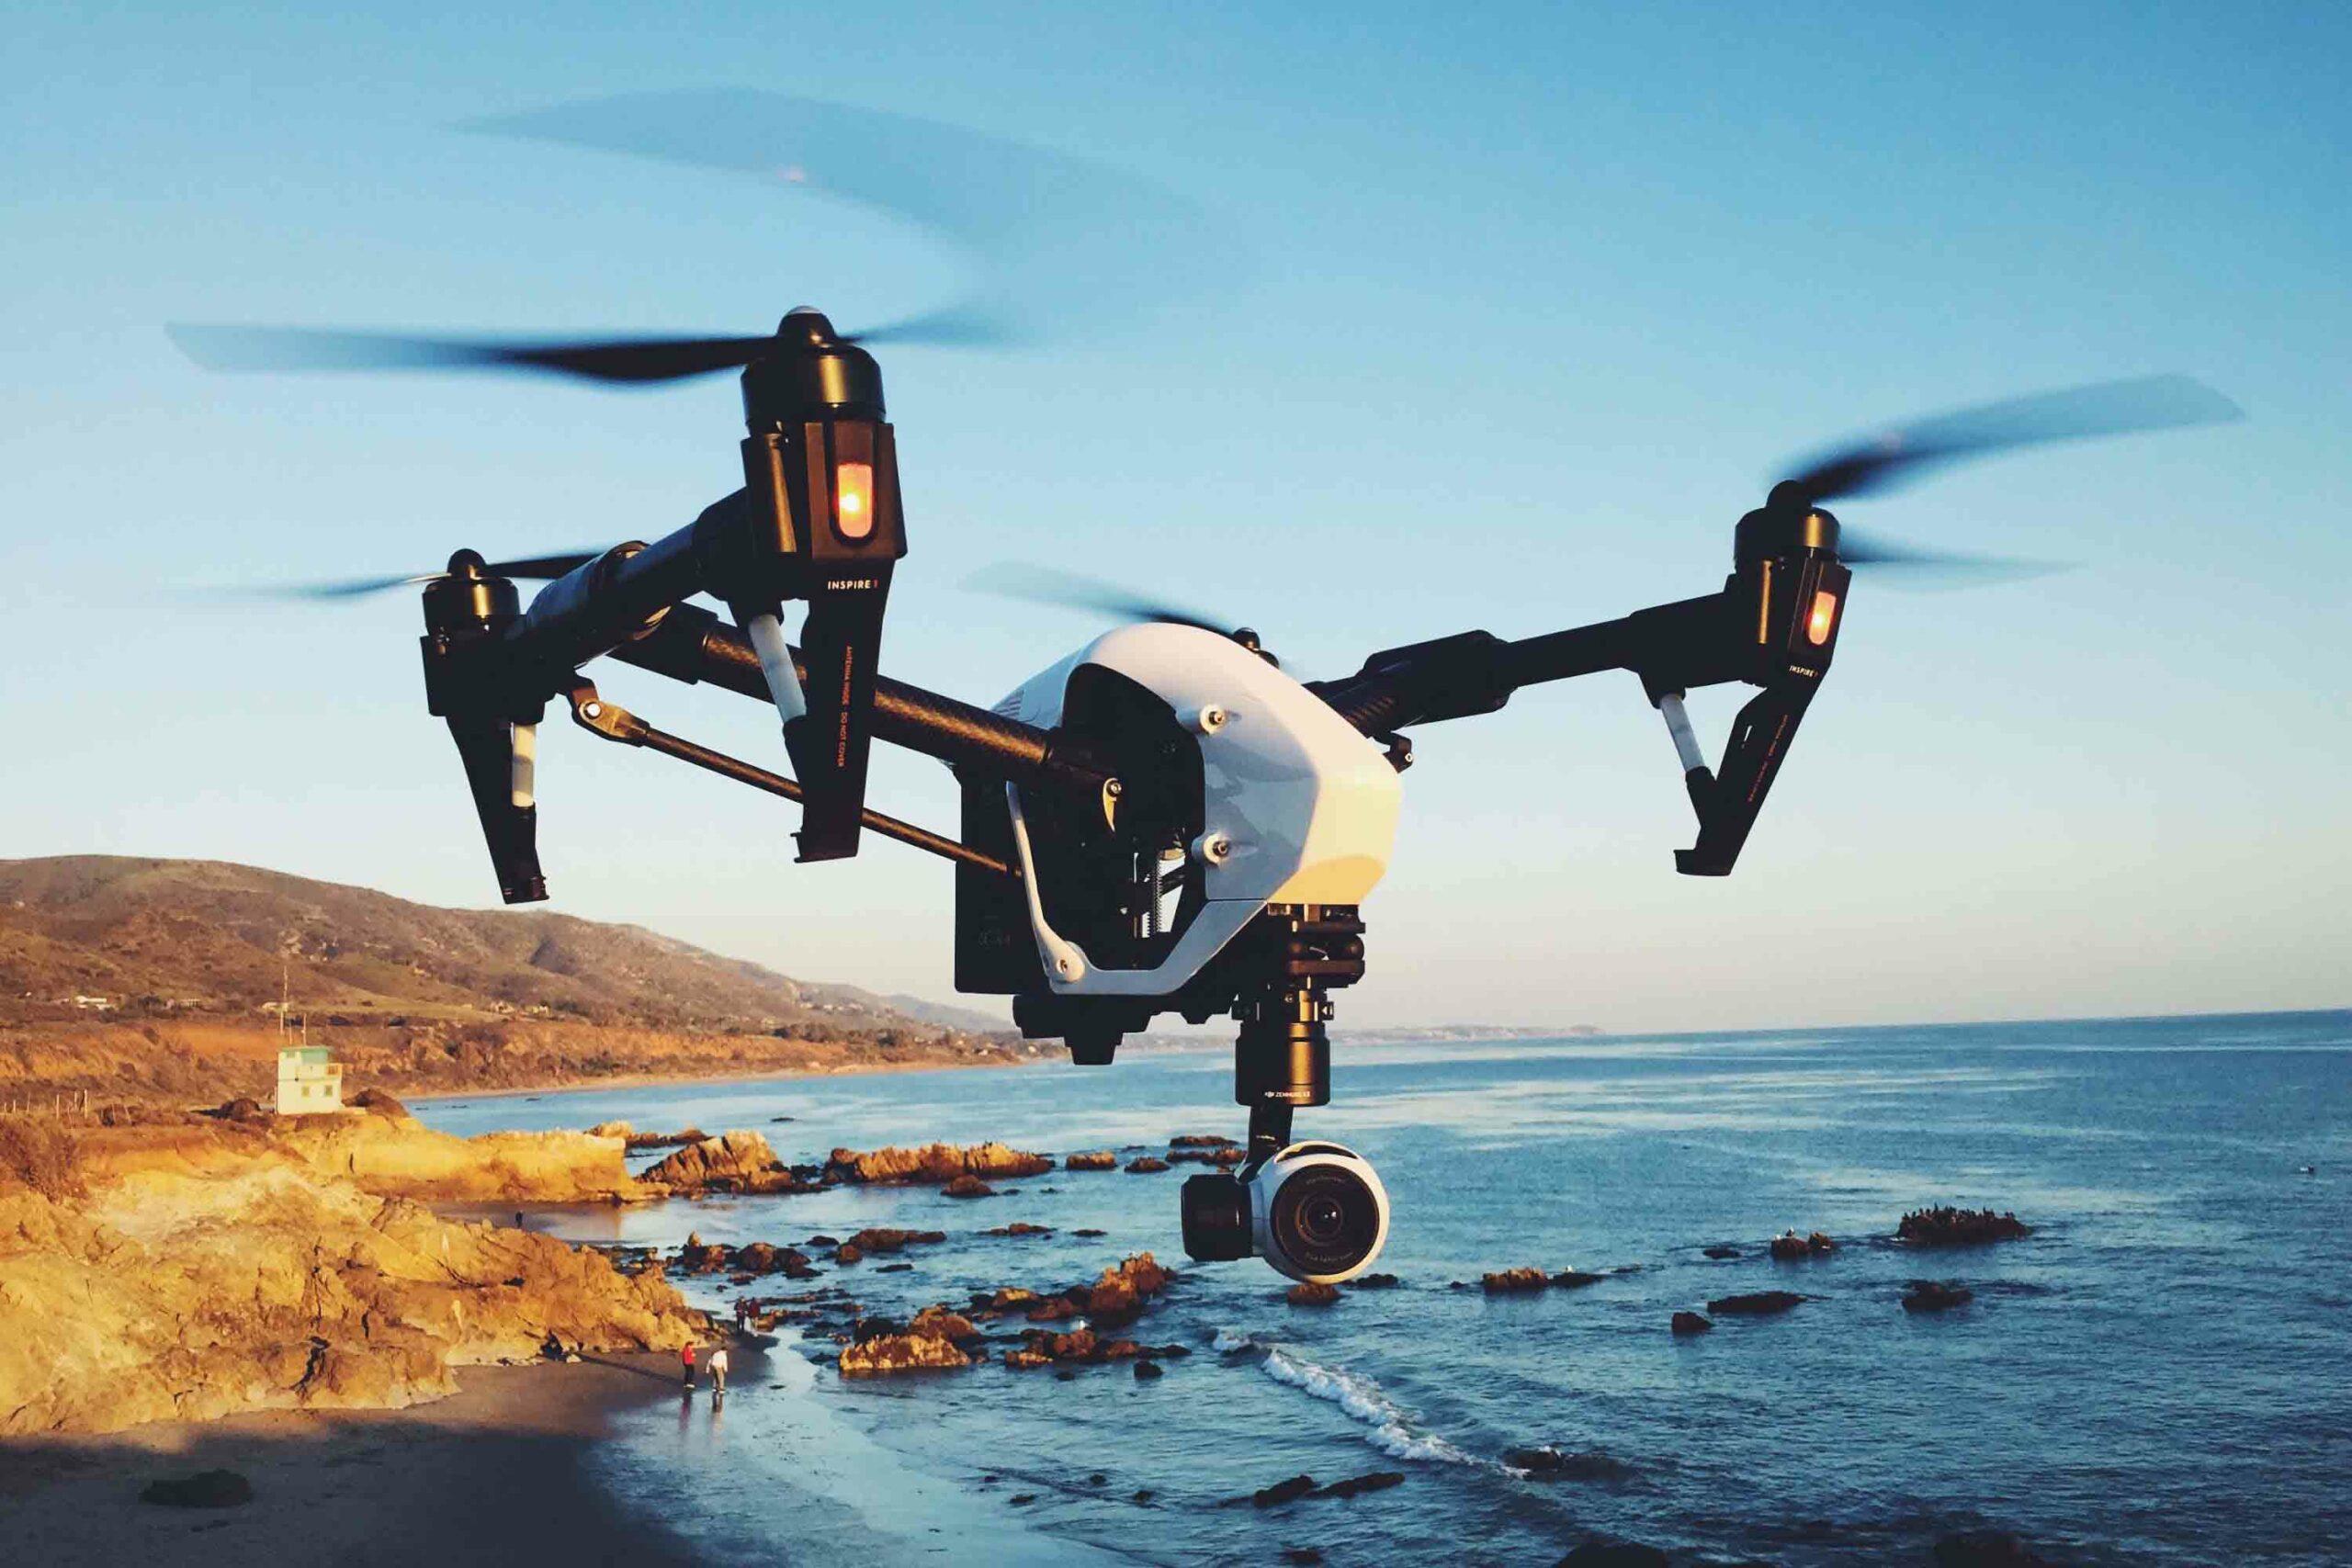 DJI Inspire 2 professionele drone